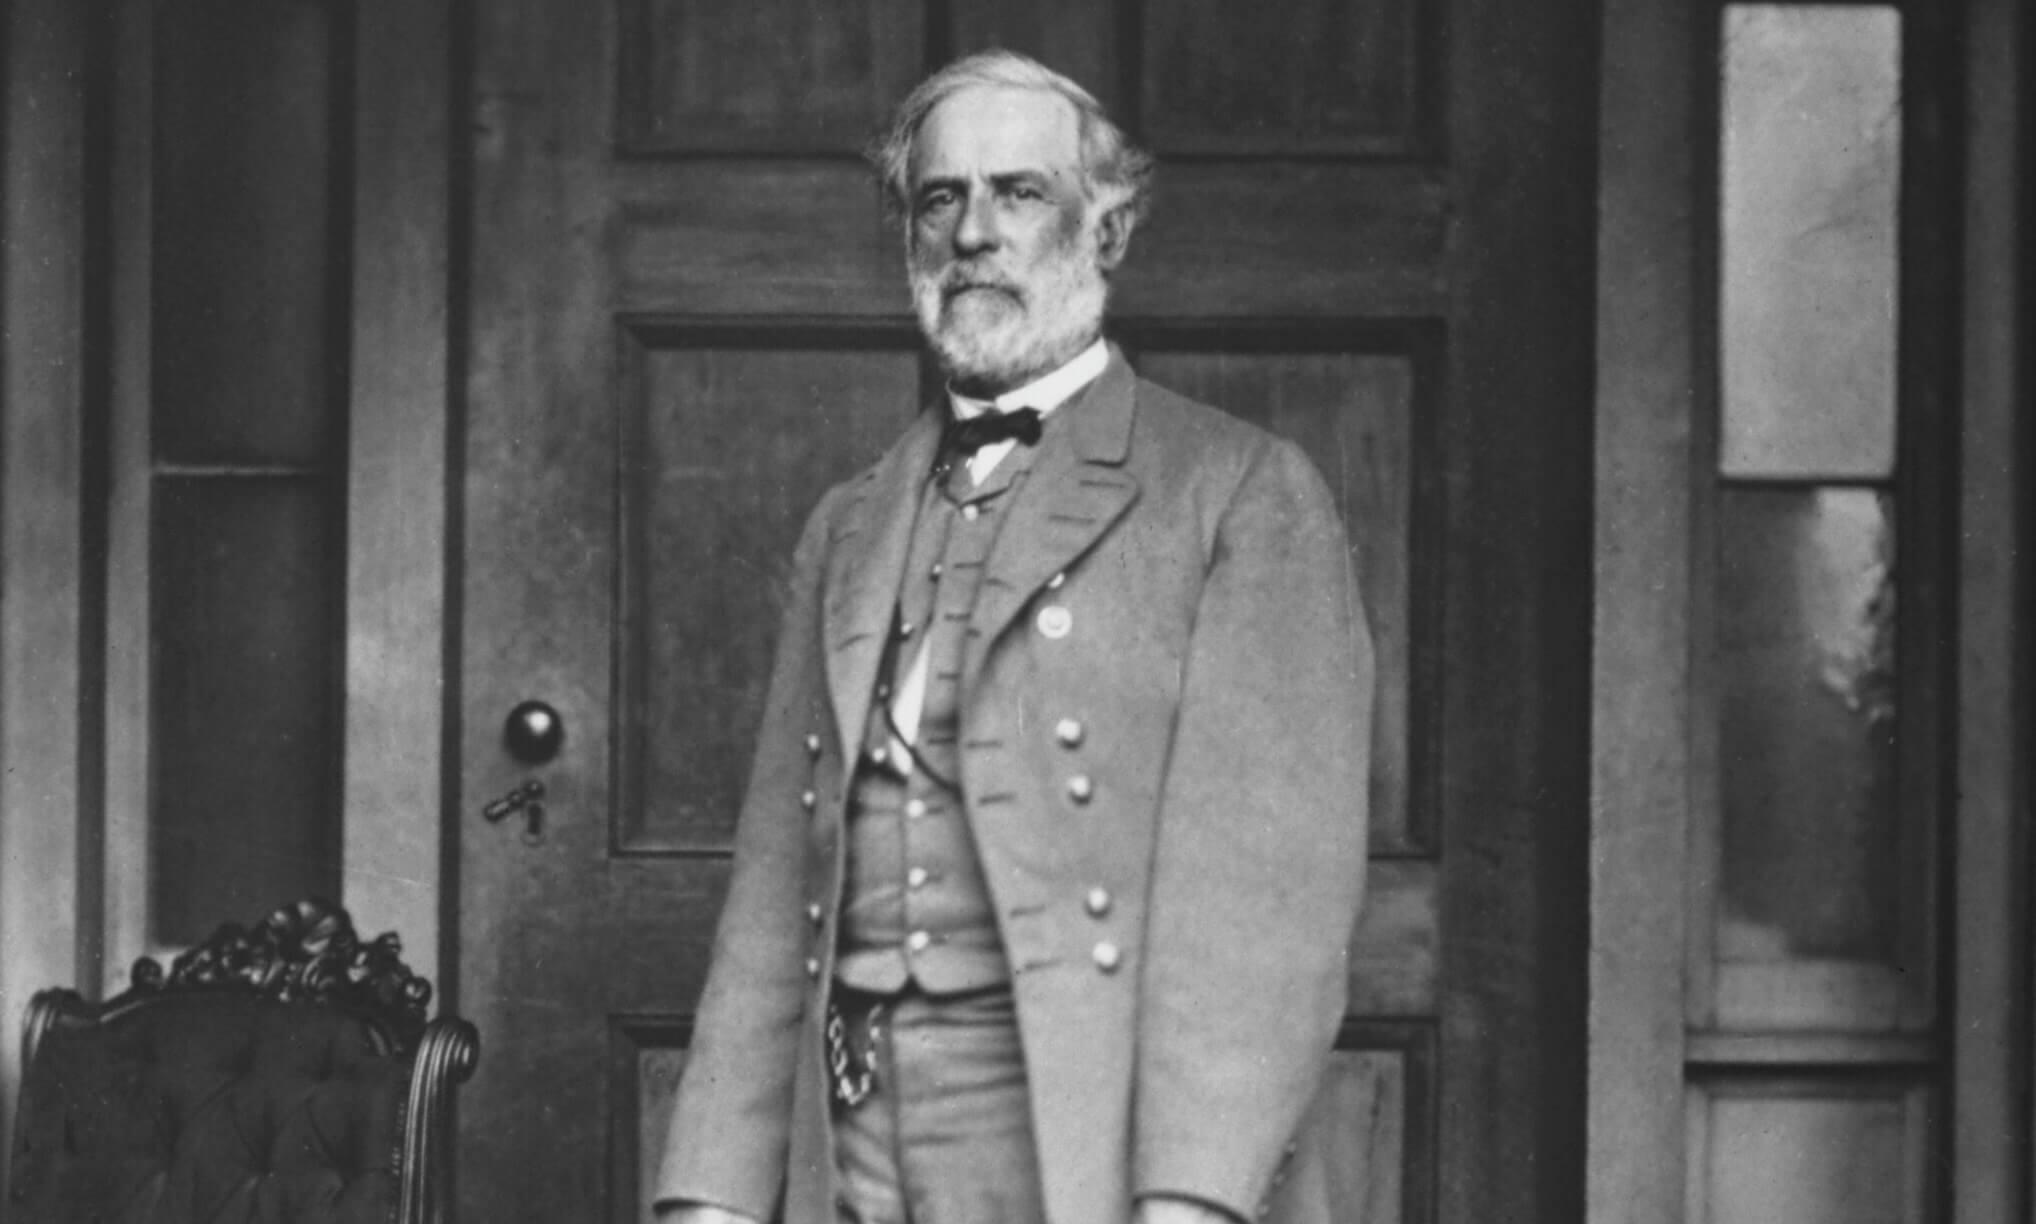 Robert E. Lee in 1865